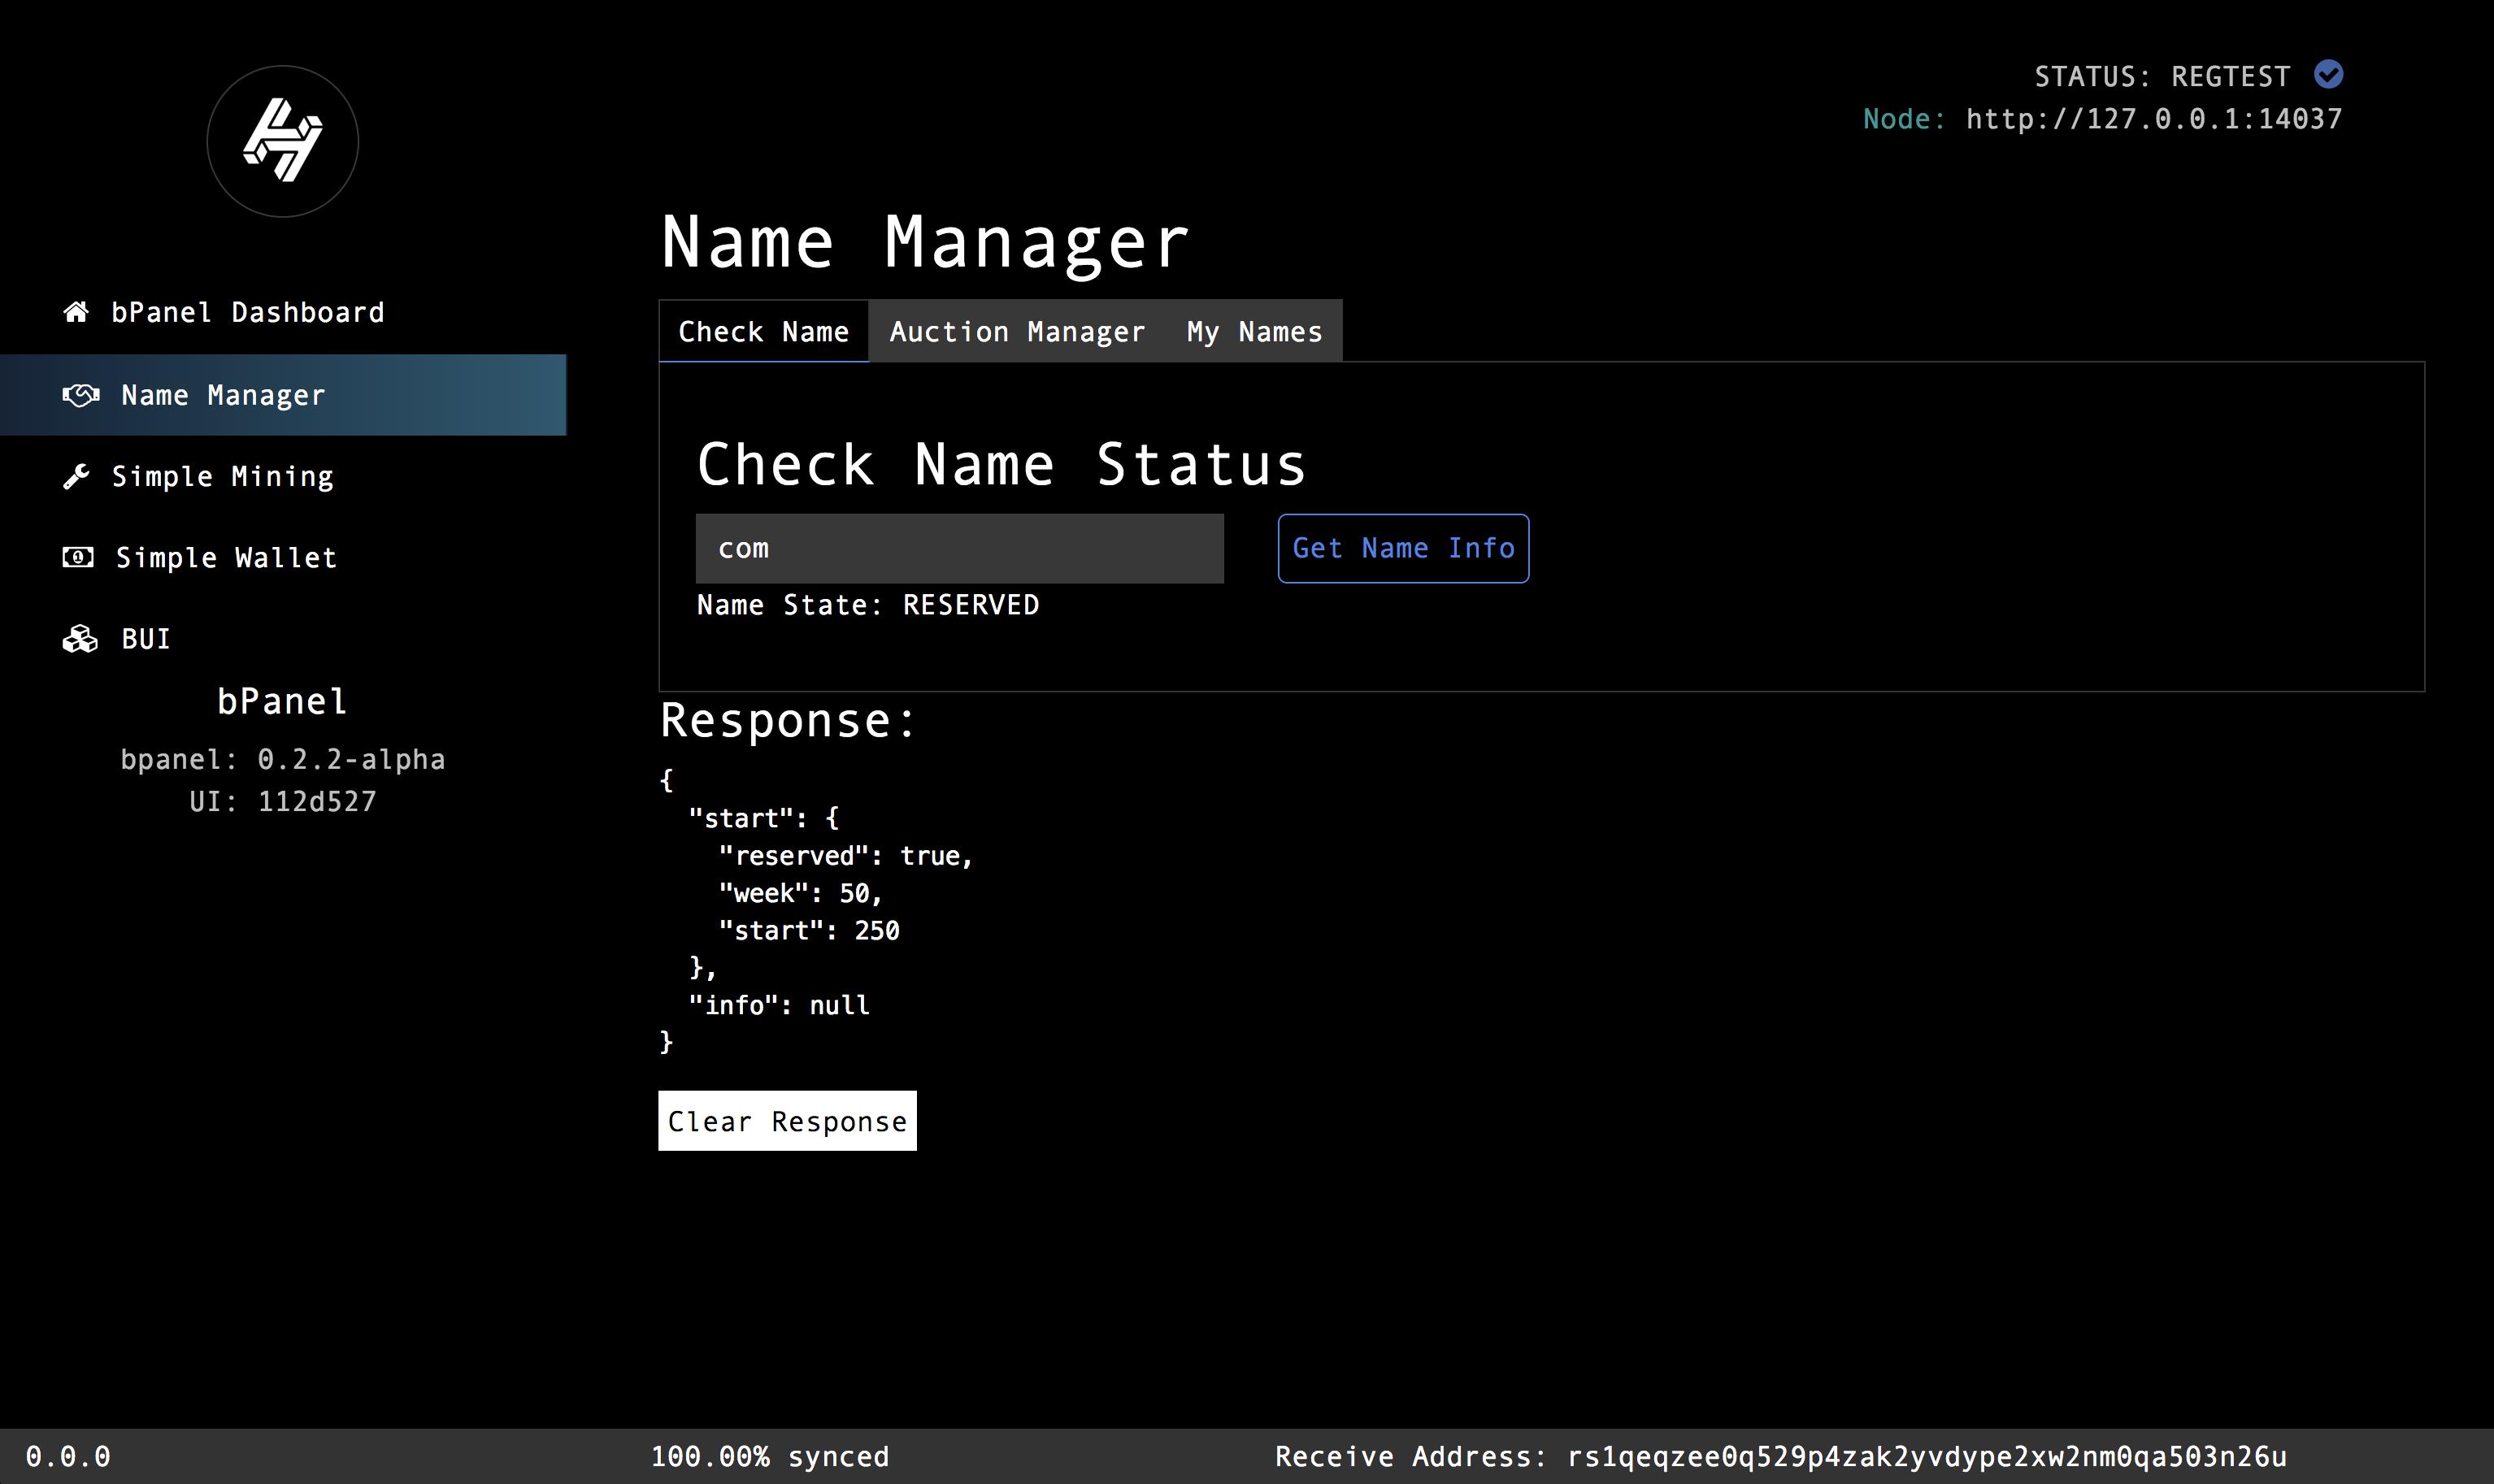 nameManager